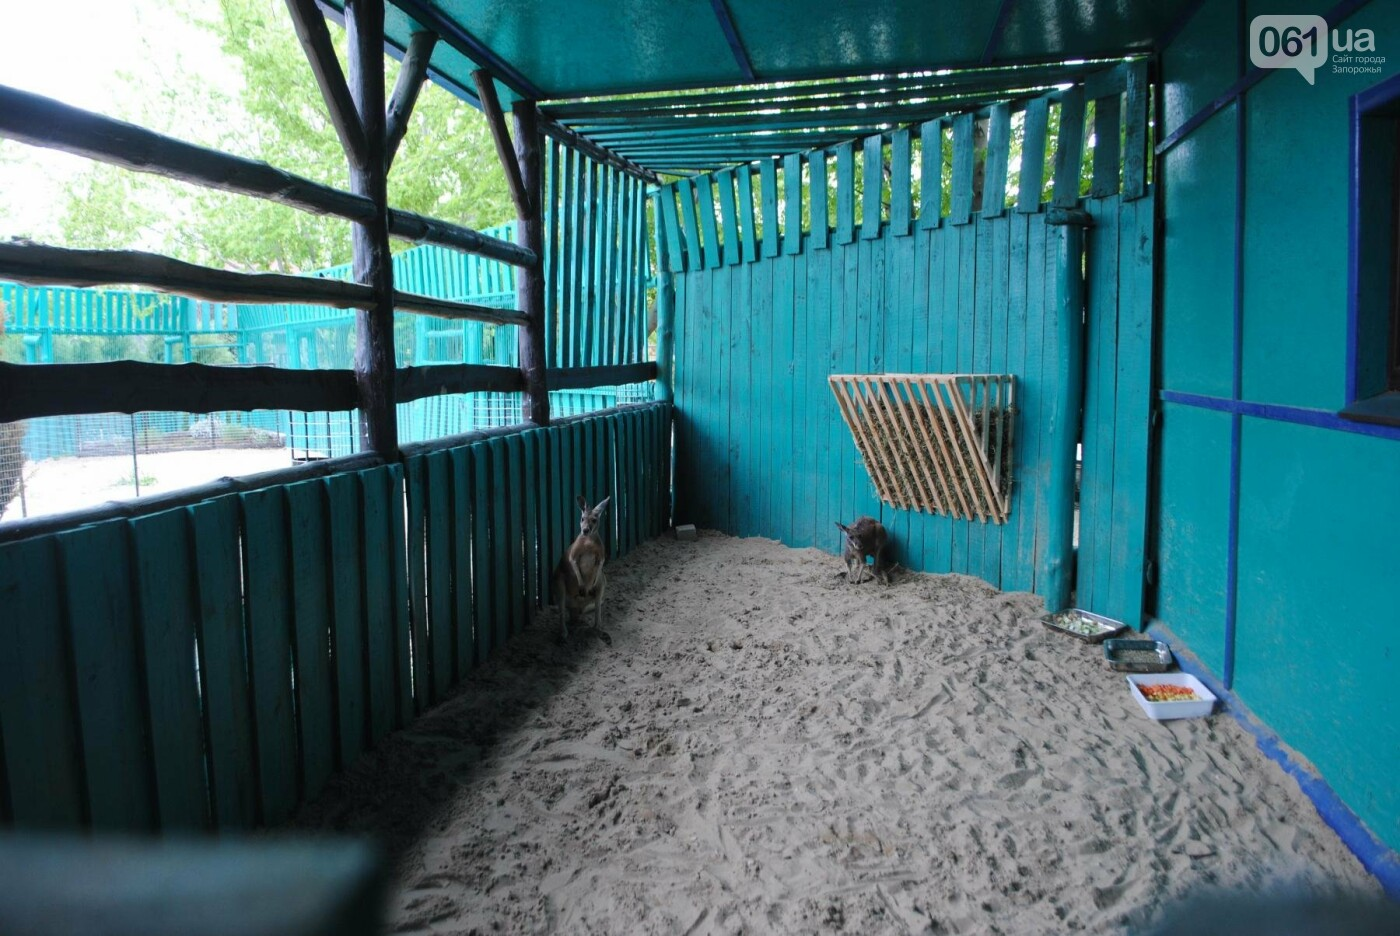 В бердянском зоопарке появились кенгуру: они любят хлеб и скоро станут ручными, - ФОТОРЕПОРТАЖ, фото-15